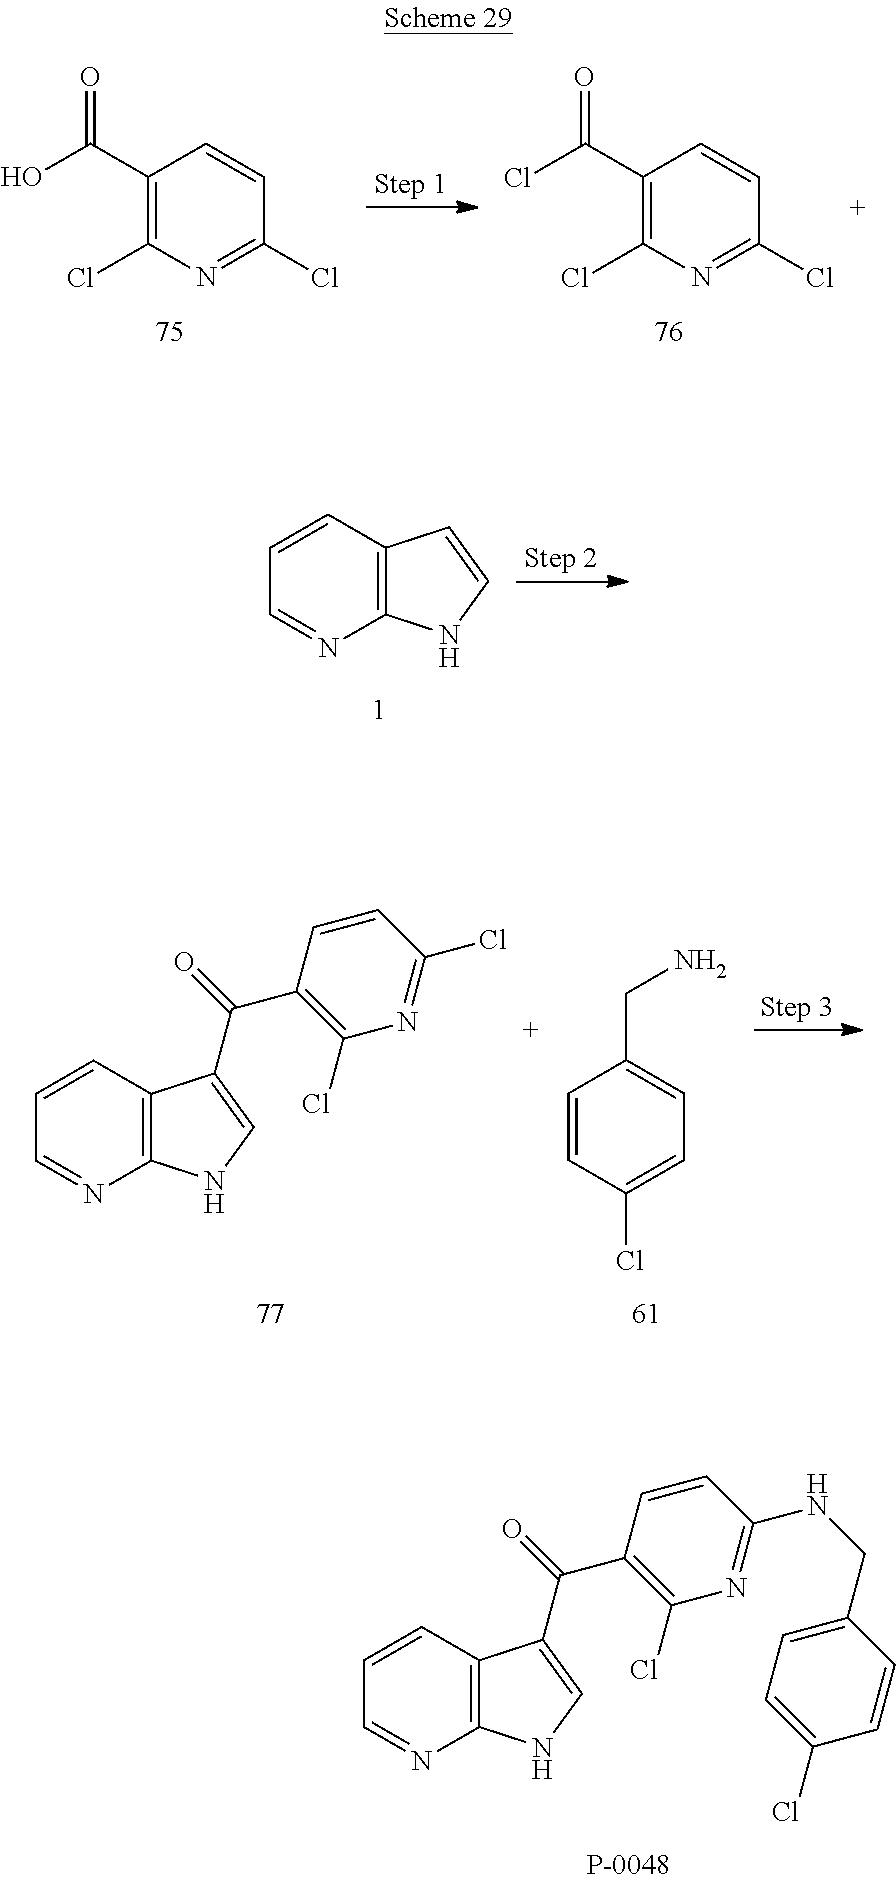 Figure US20110166174A1-20110707-C00098